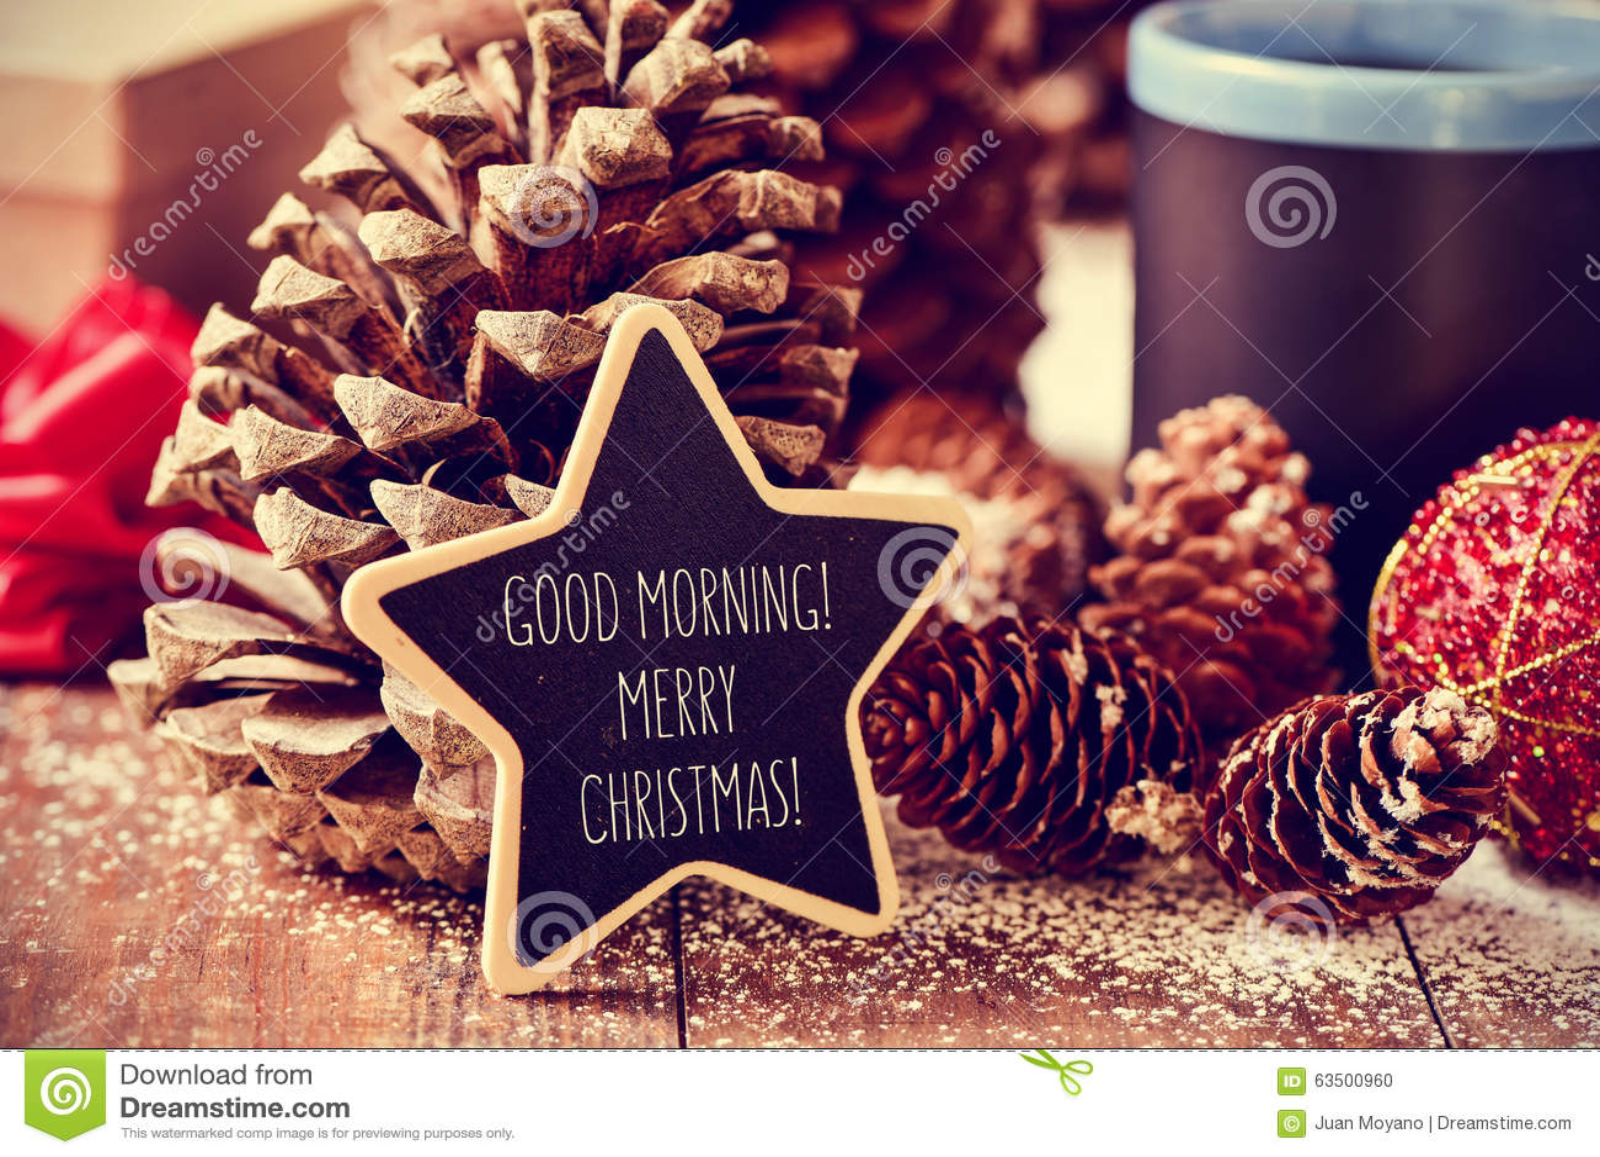 Immagini Del Buongiorno Di Natale.Buon Natale Di Buongiorno Del Testo In Una Lavagna A Forma